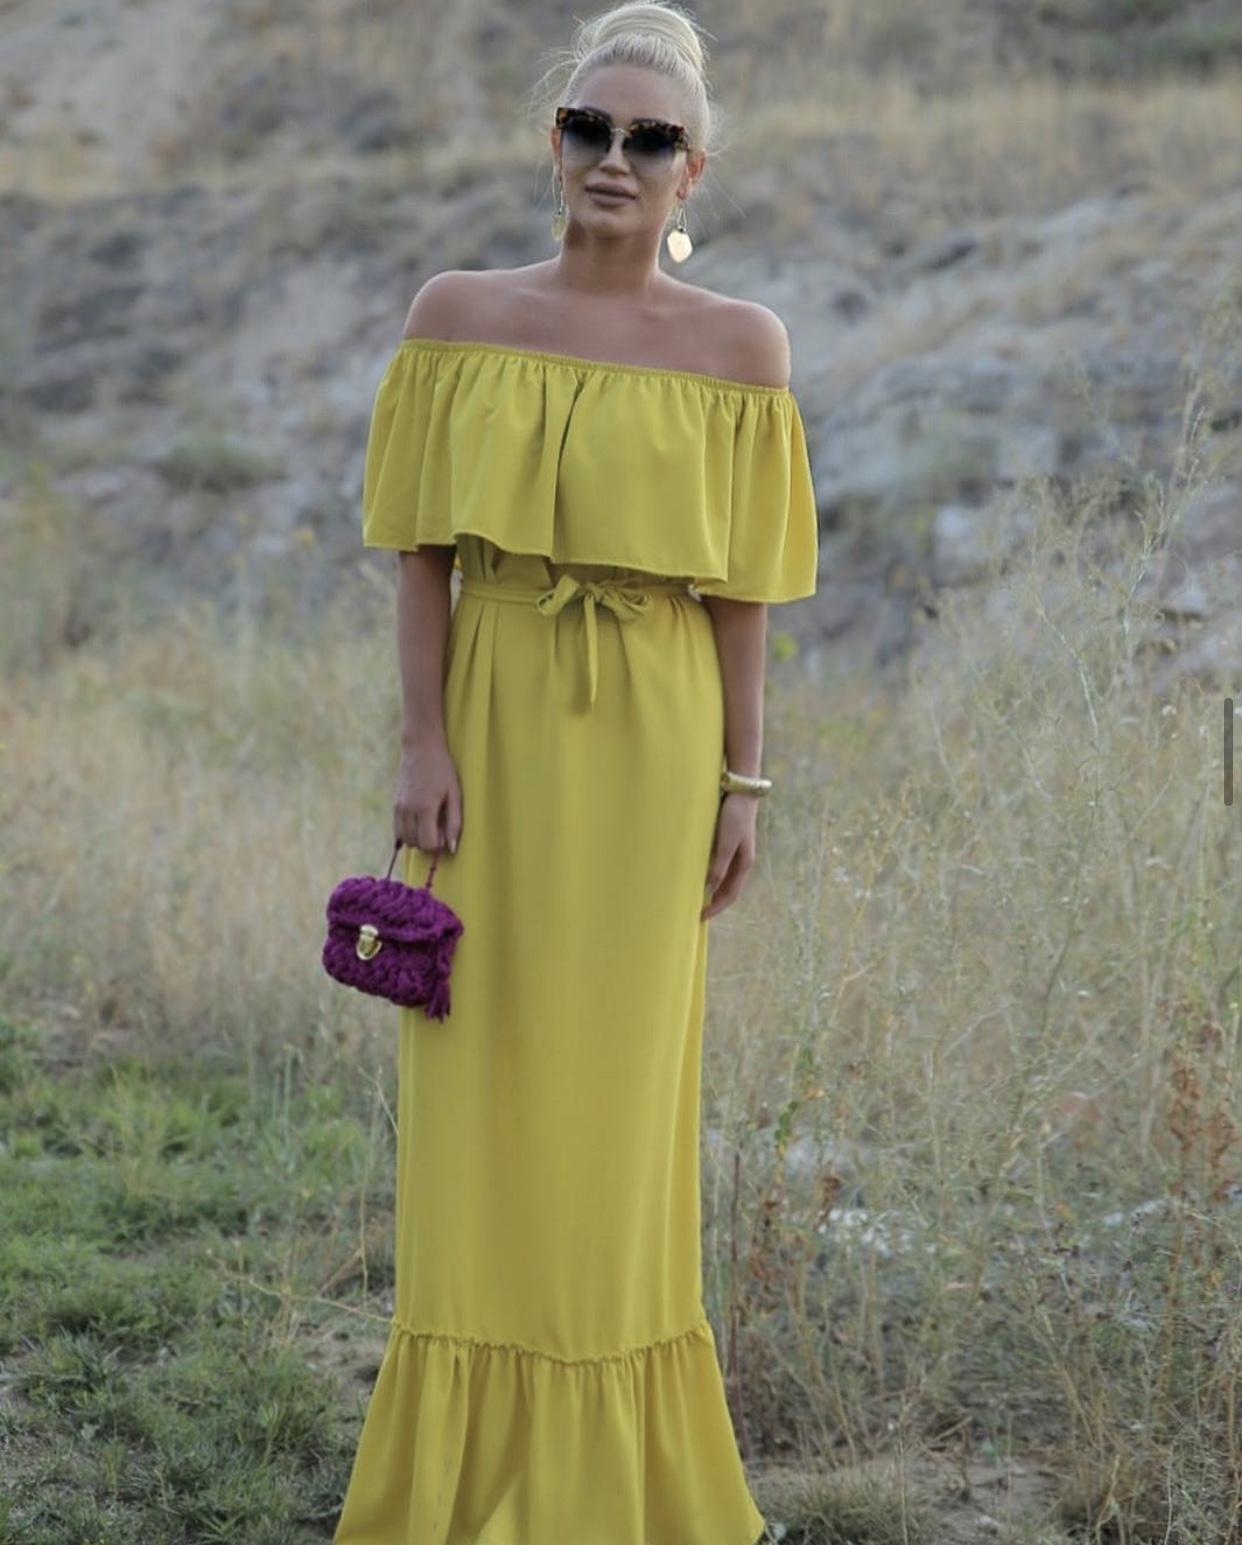 DIDEMΛYDIN Limon Yeşili Uzun Elbise